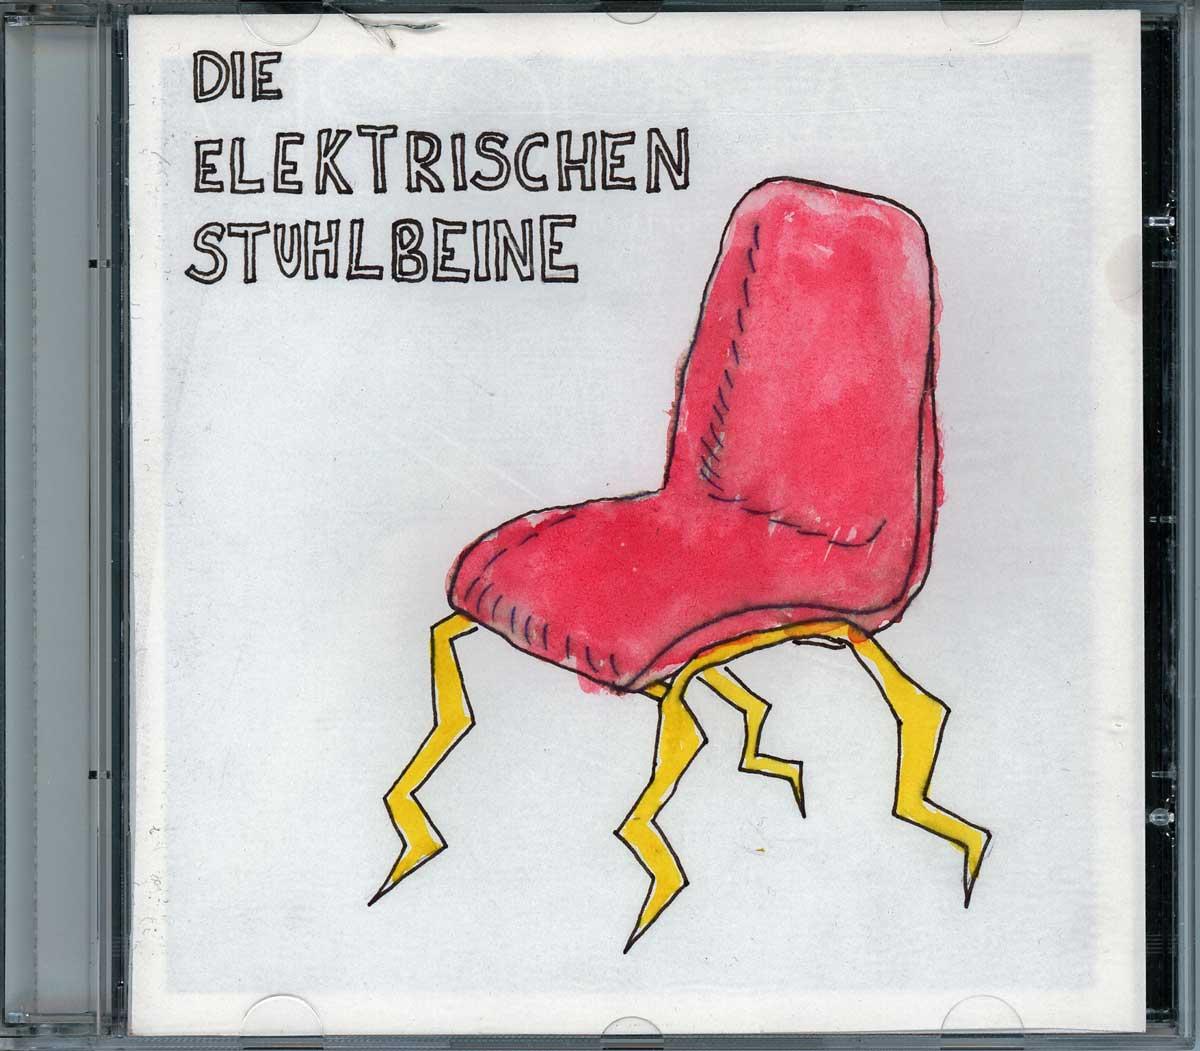 Be Creative #198 - Die elektrischen Stuhlbeine, © Ines Häufler, 2011